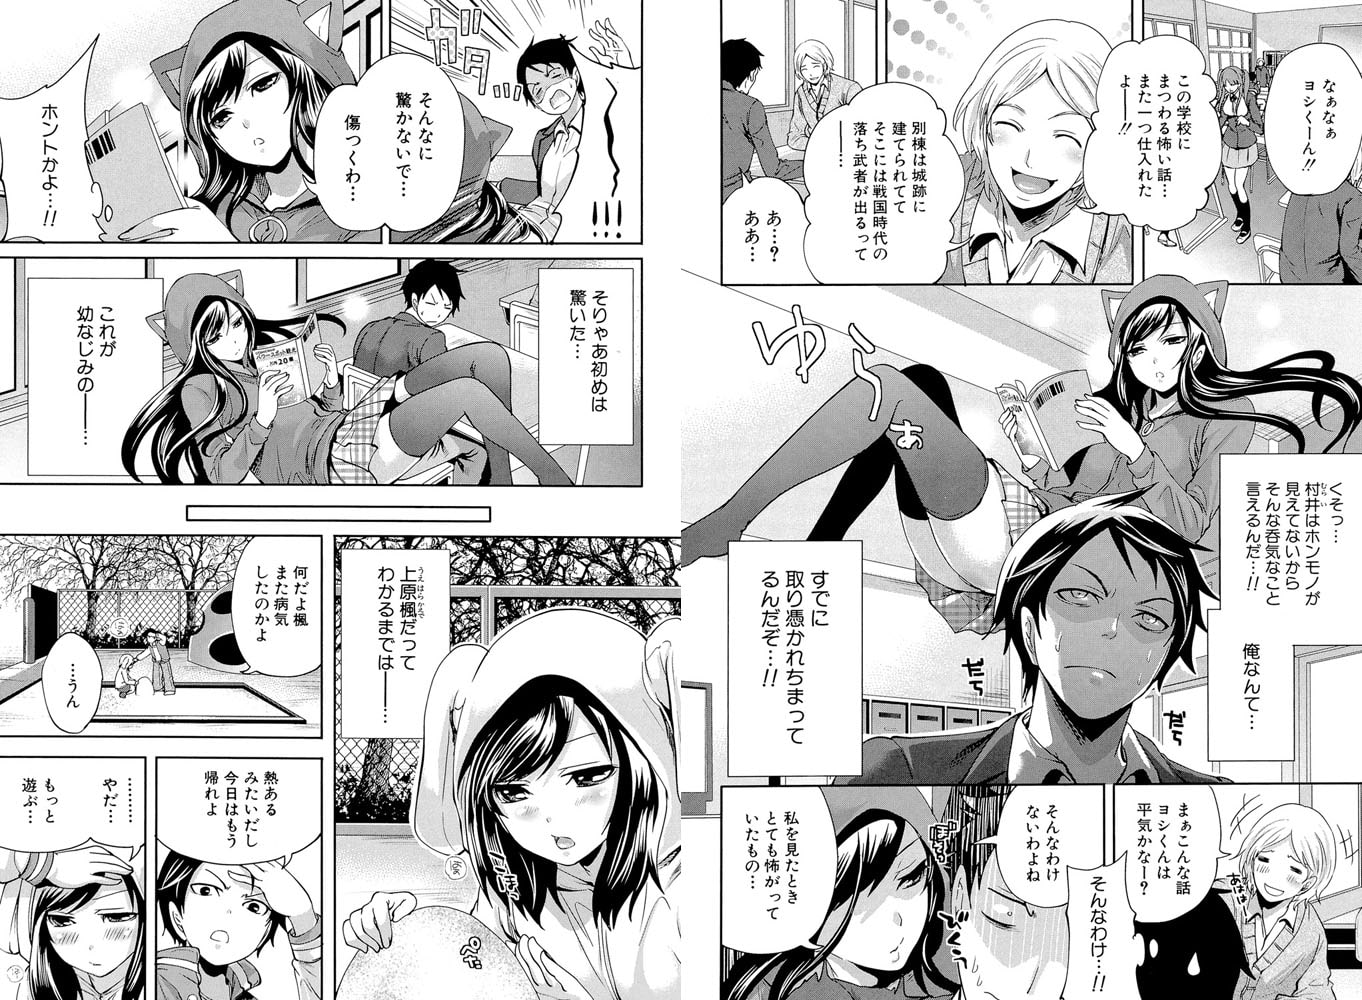 恋色おとめ【1話体験版付き】のサンプル2